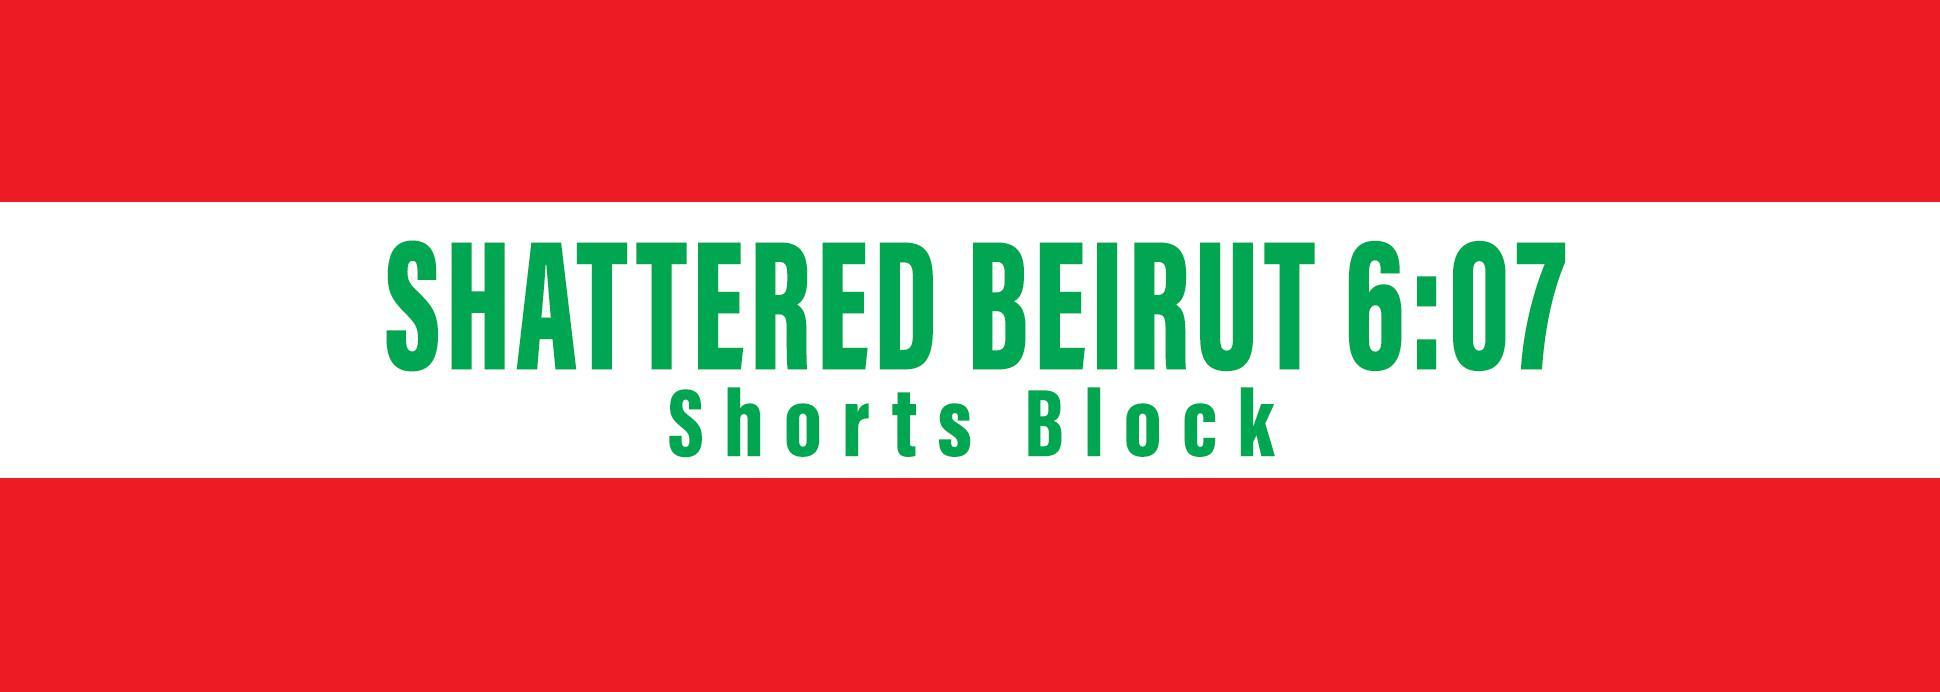 Shattered Beirut 6:07